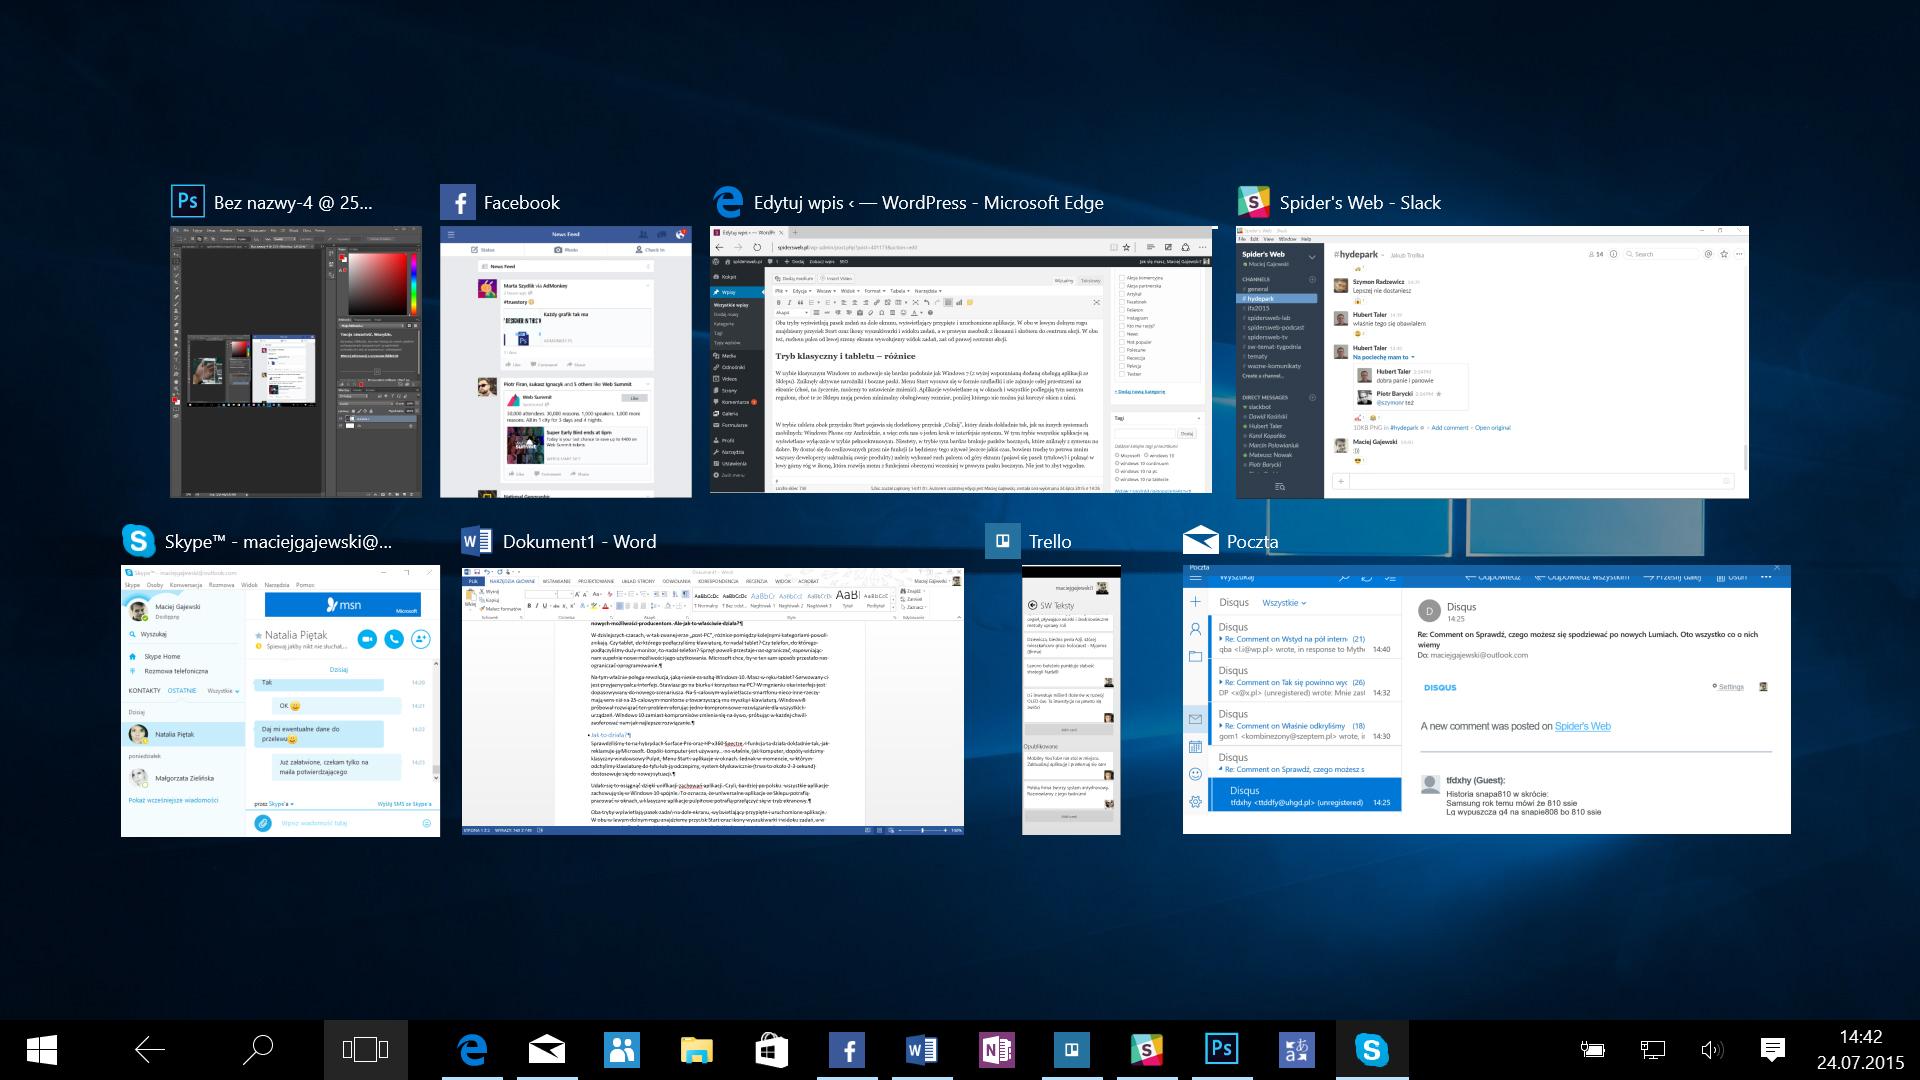 obracanie ekranu skrót windows 7